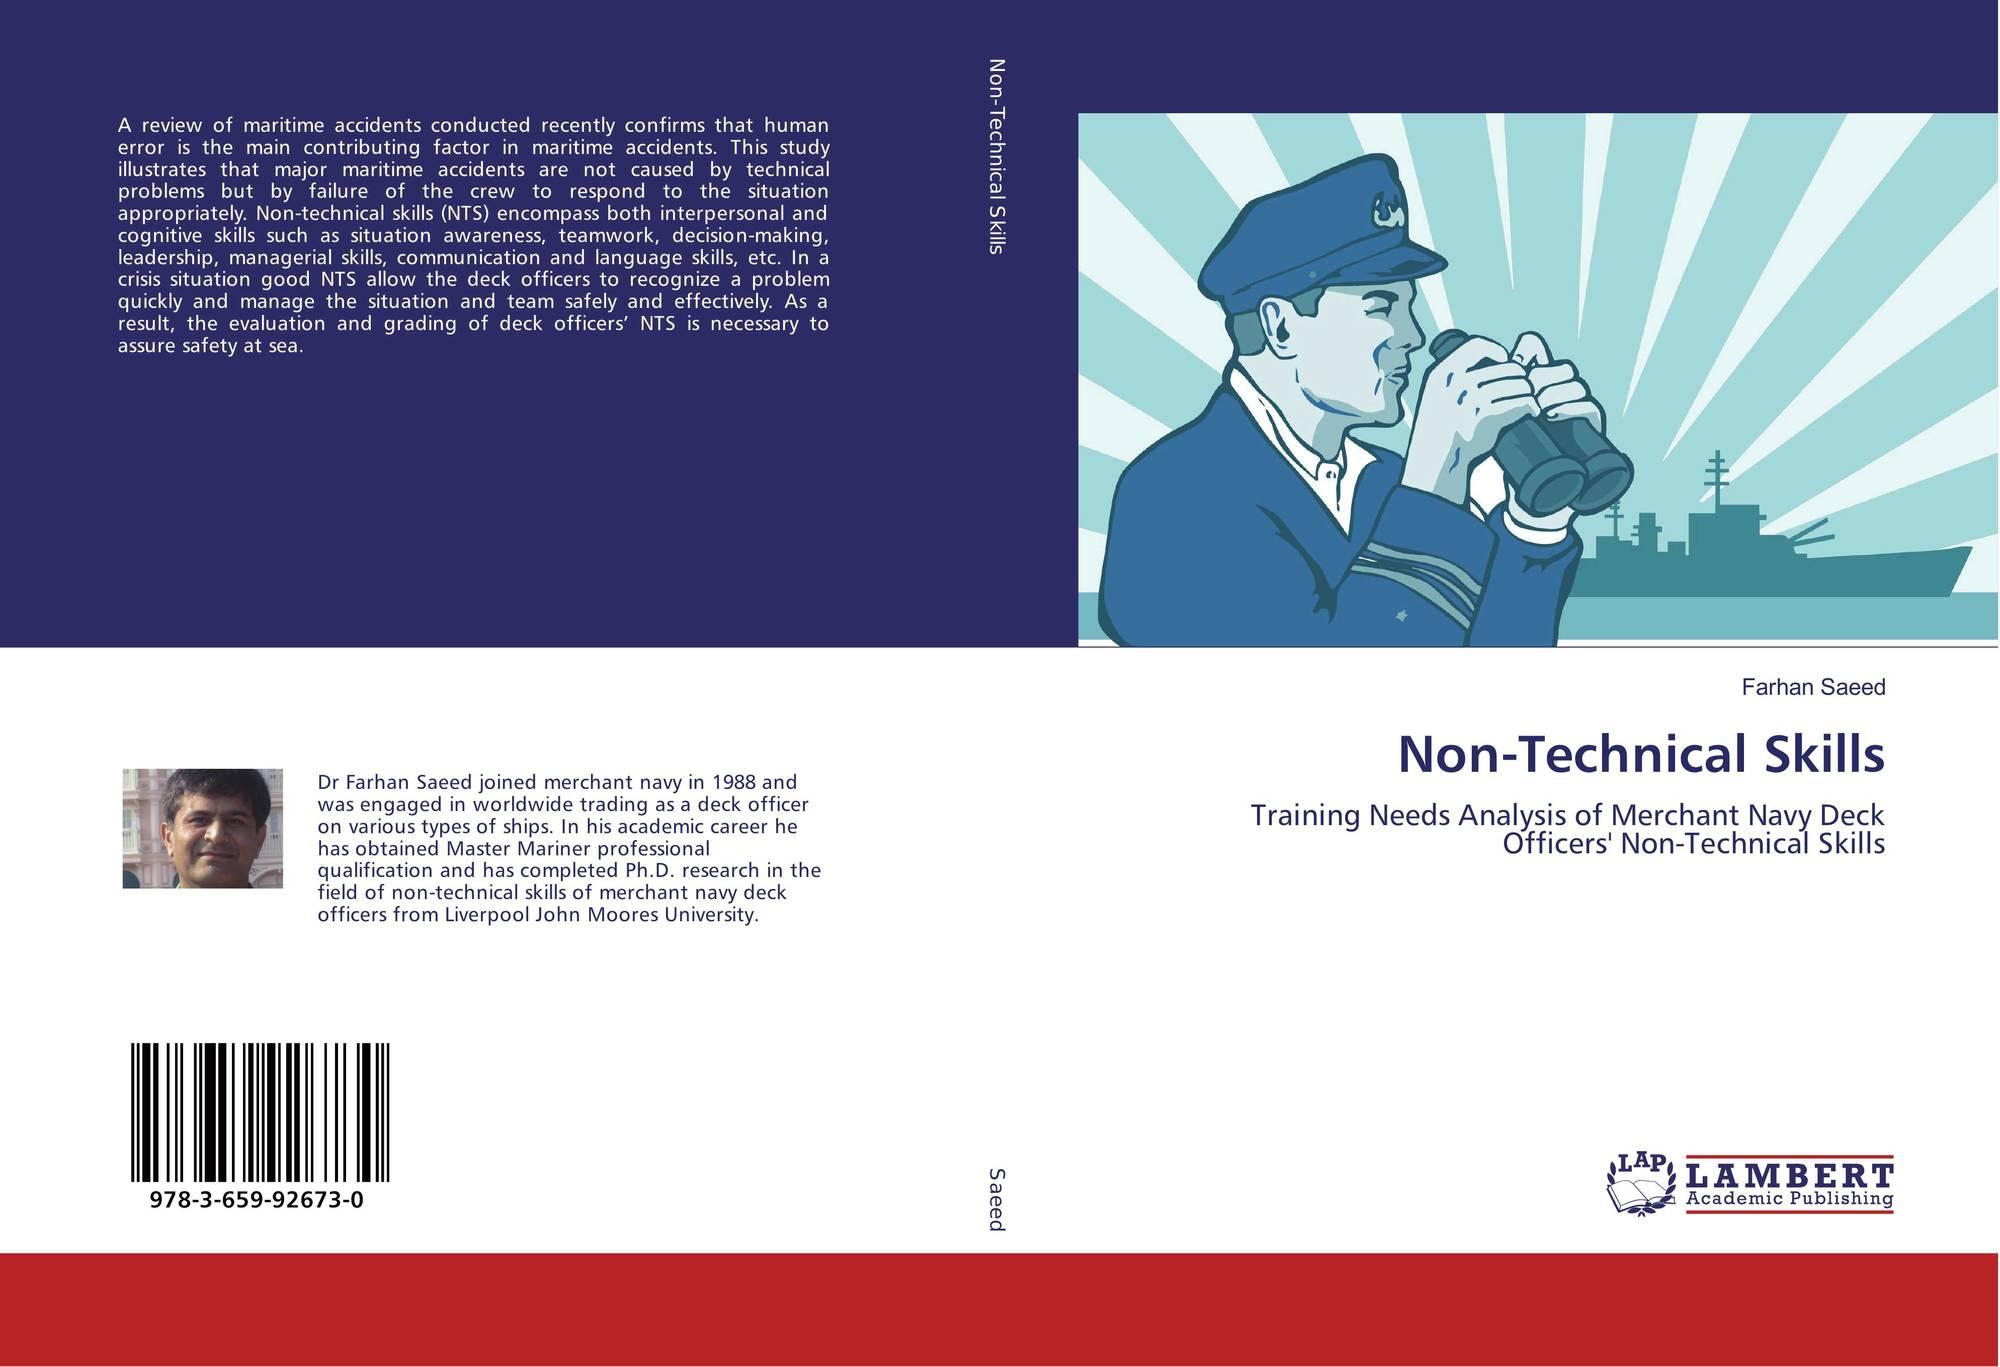 Non-Technical Skills, 978-3-659-92673-0, 3659926736 ,9783659926730